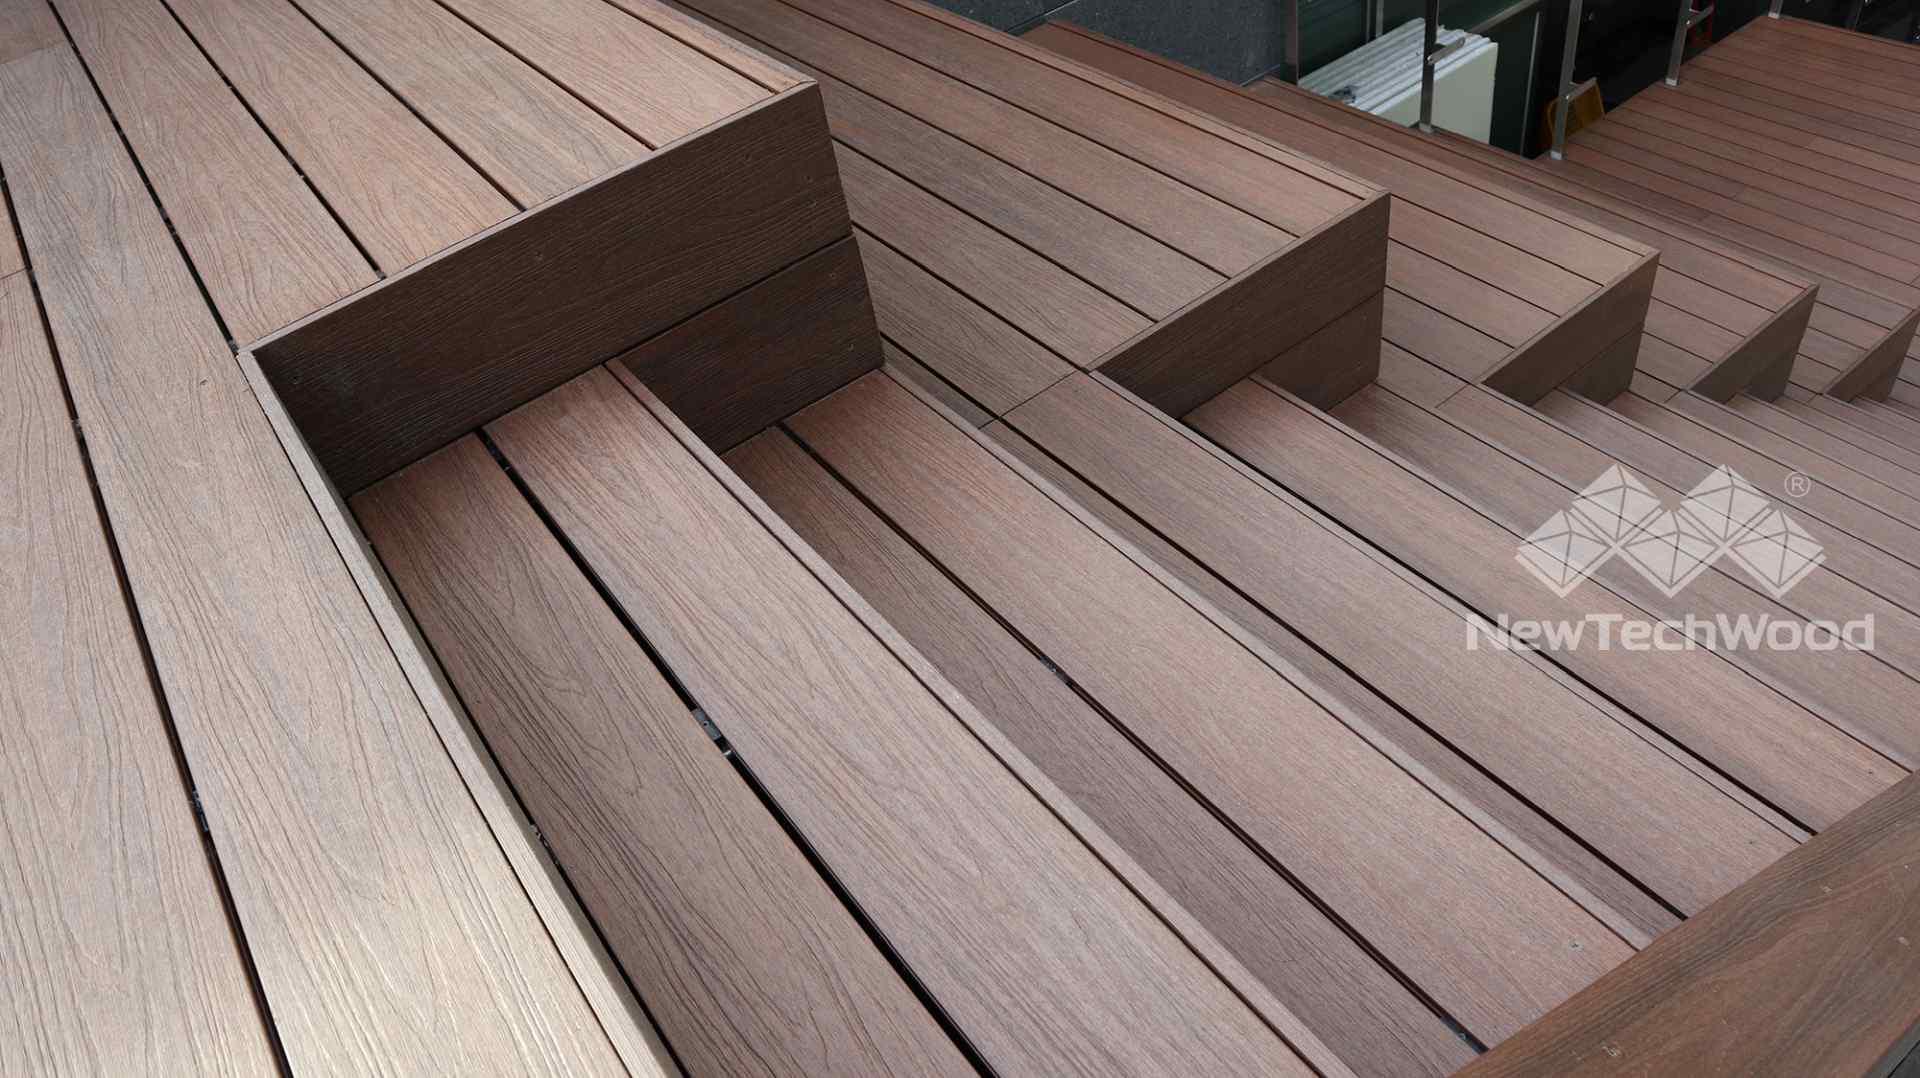 美新塑木-階梯座椅